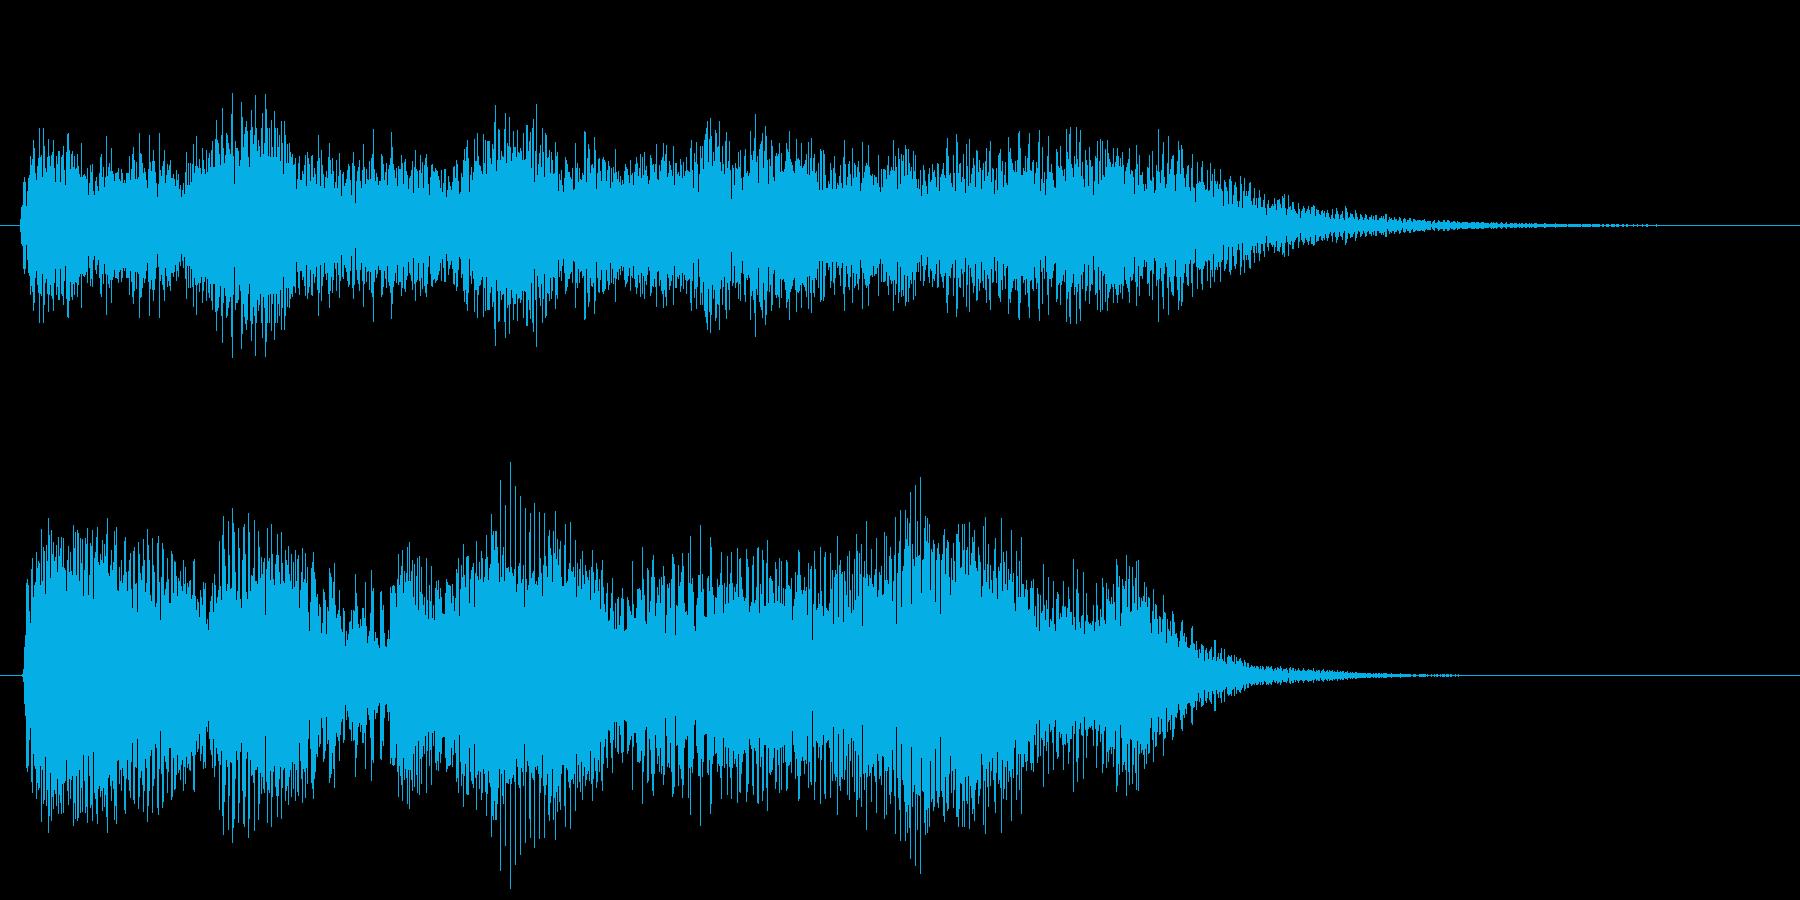 豪華な音色のシンセサイザーサウンドロゴ の再生済みの波形